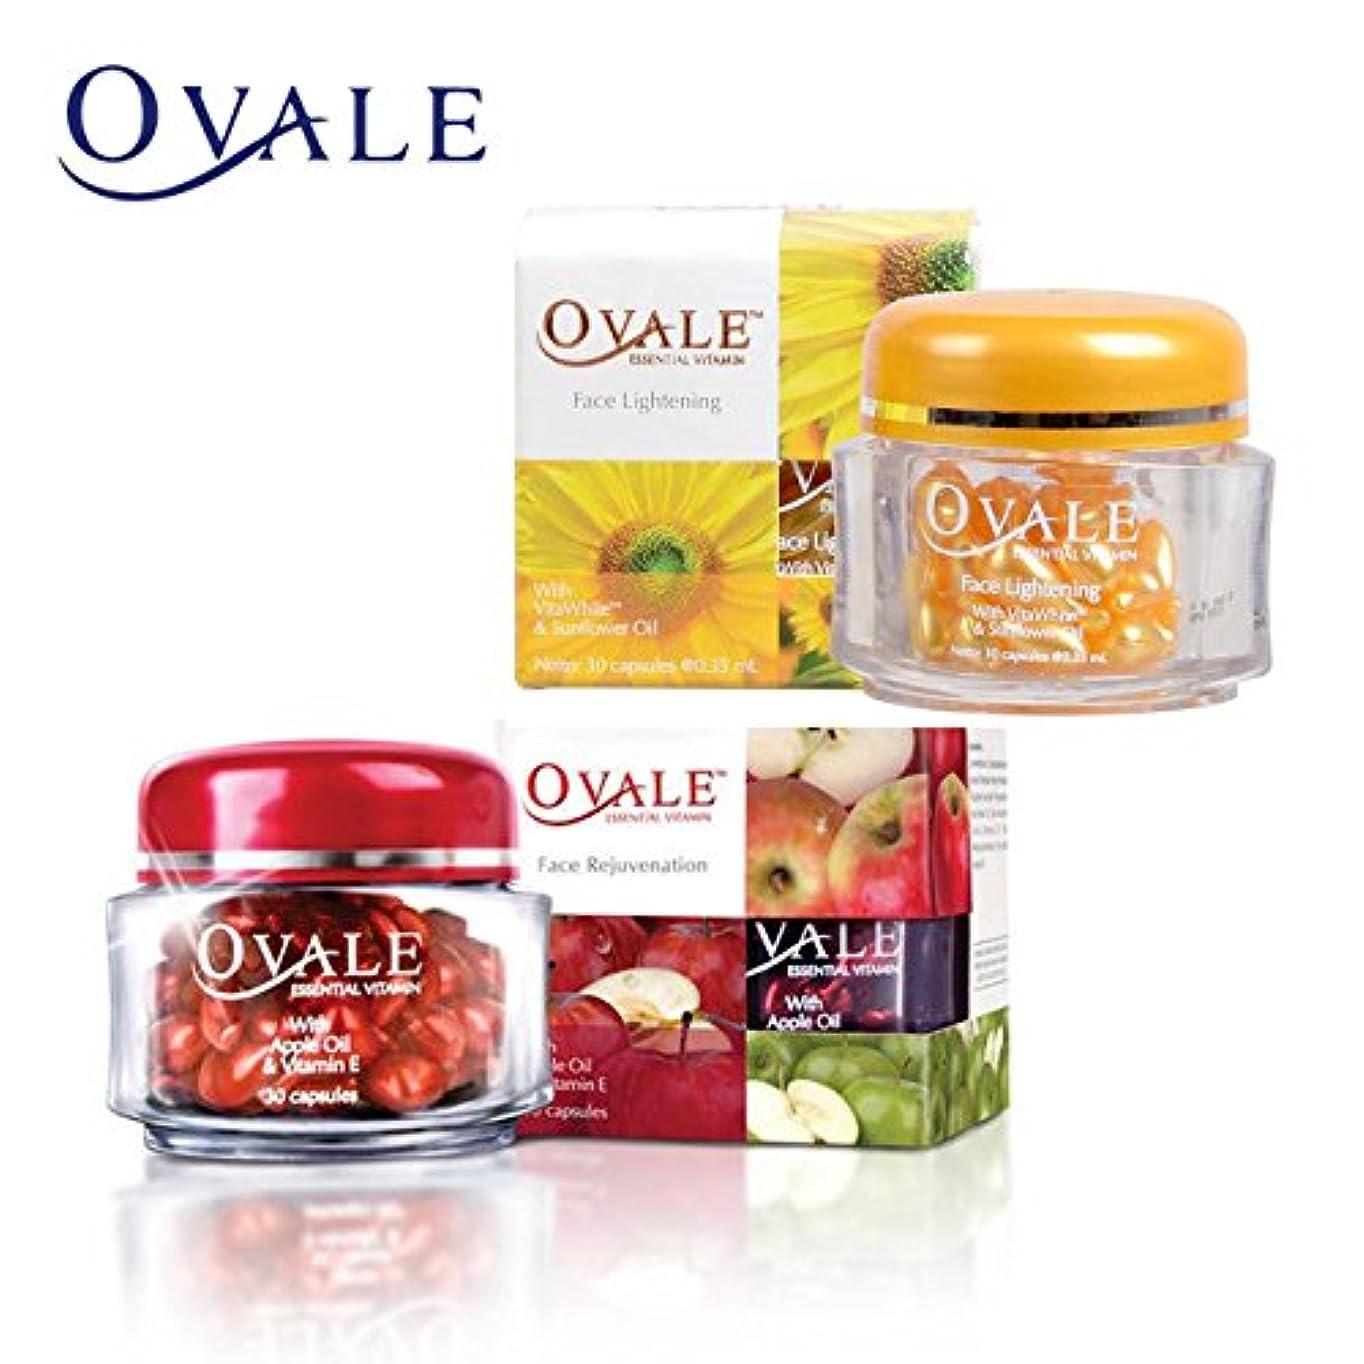 作業拘束場合Ovale オーバル フェイシャル美容液 essential vitamin エッセンシャルビタミン 30粒入ボトル×5個 サンフラワー [海外直送品]